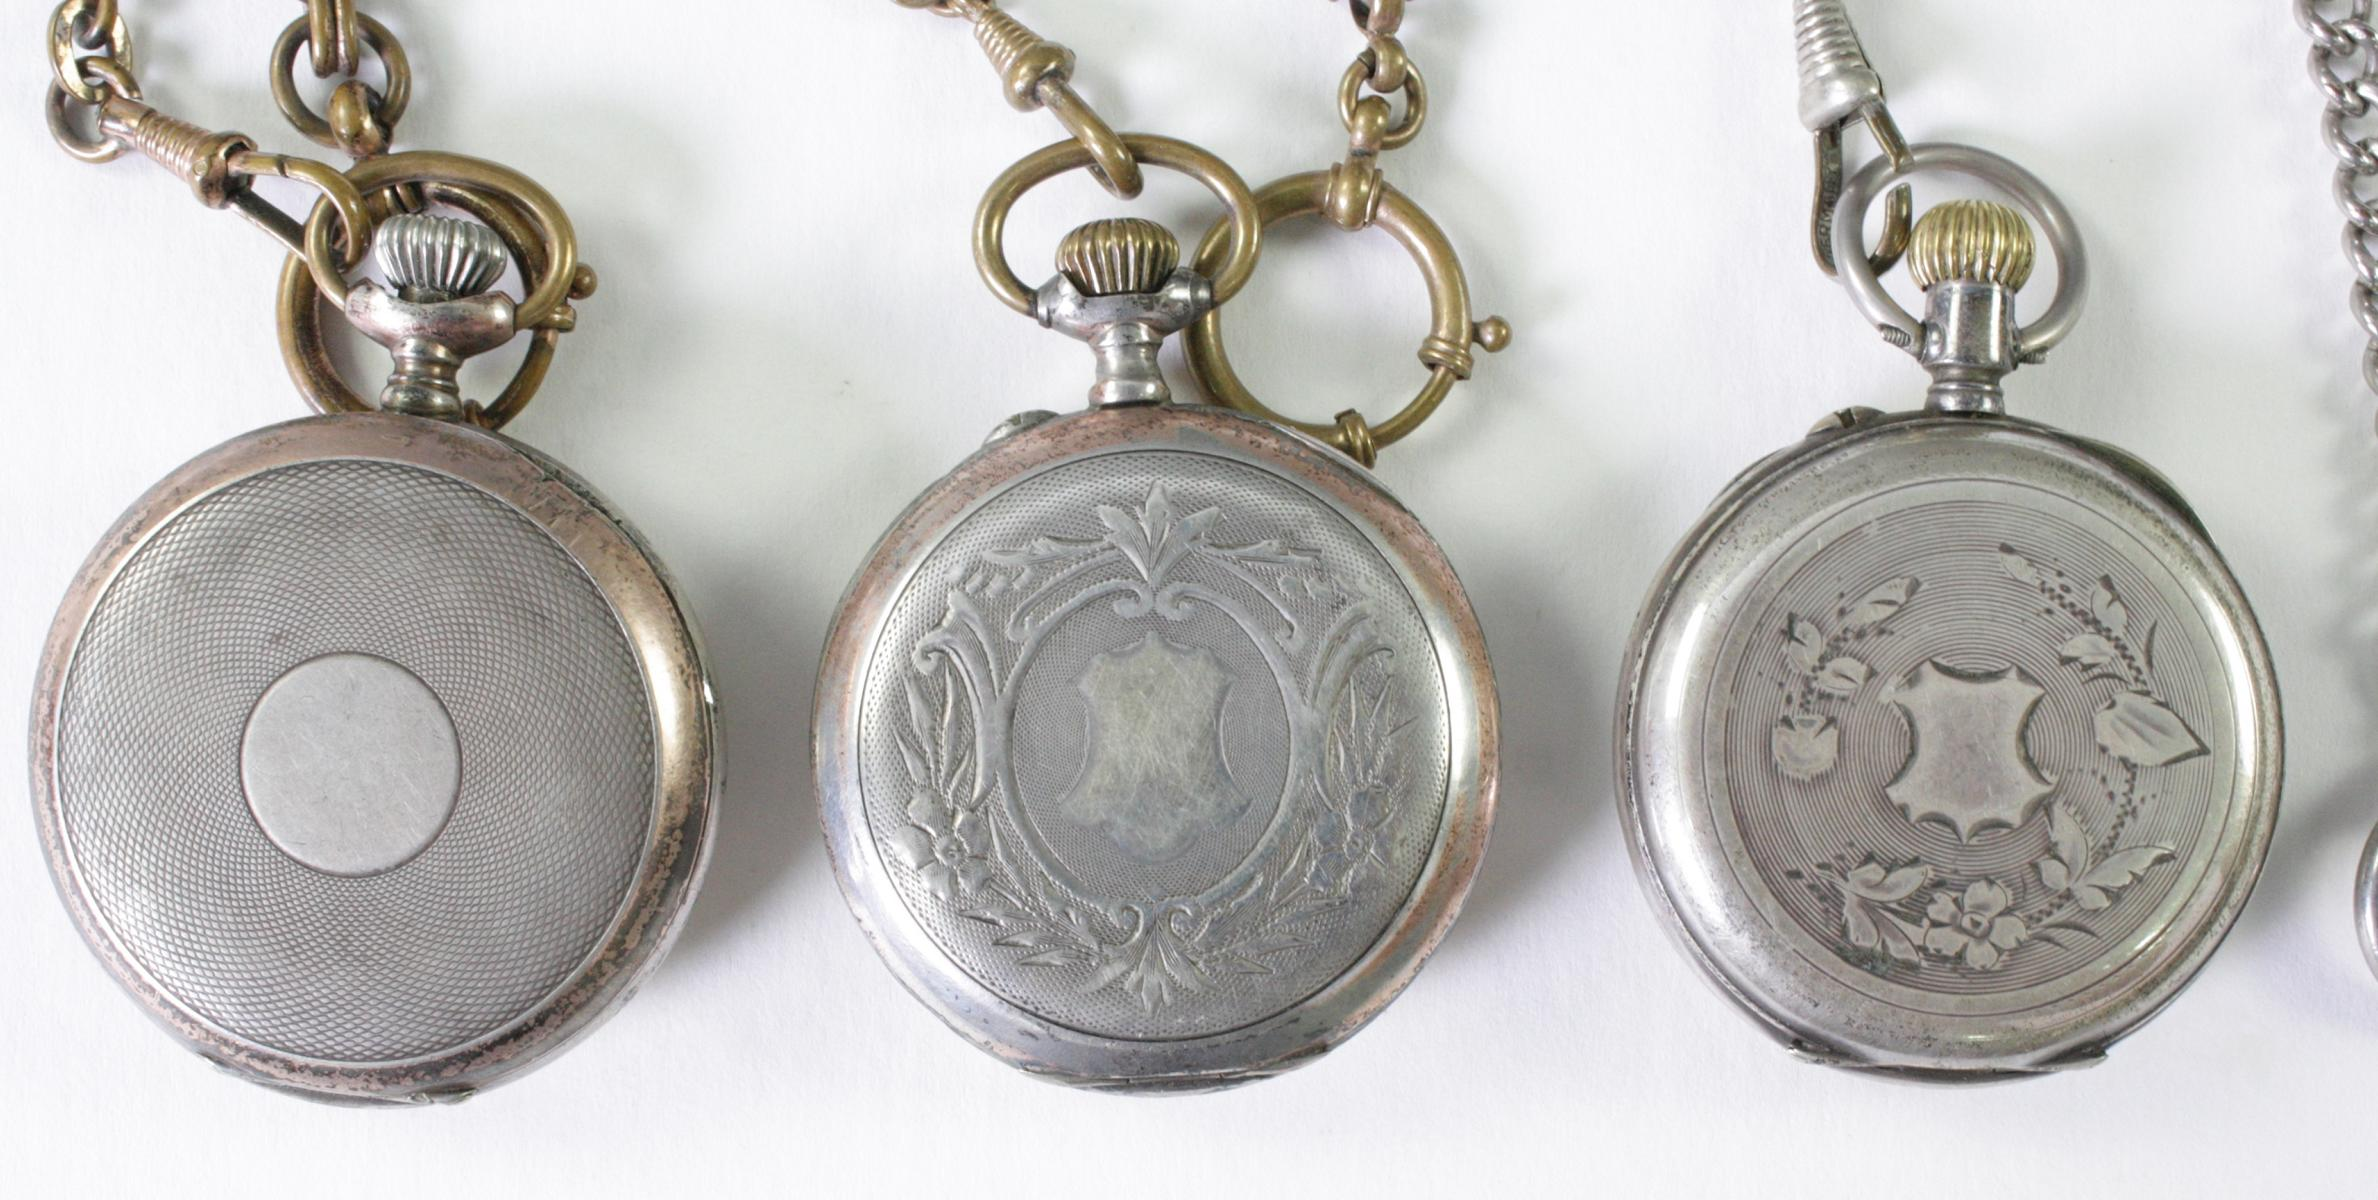 Drei antike Taschenuhren um 1900 aus Silber-3